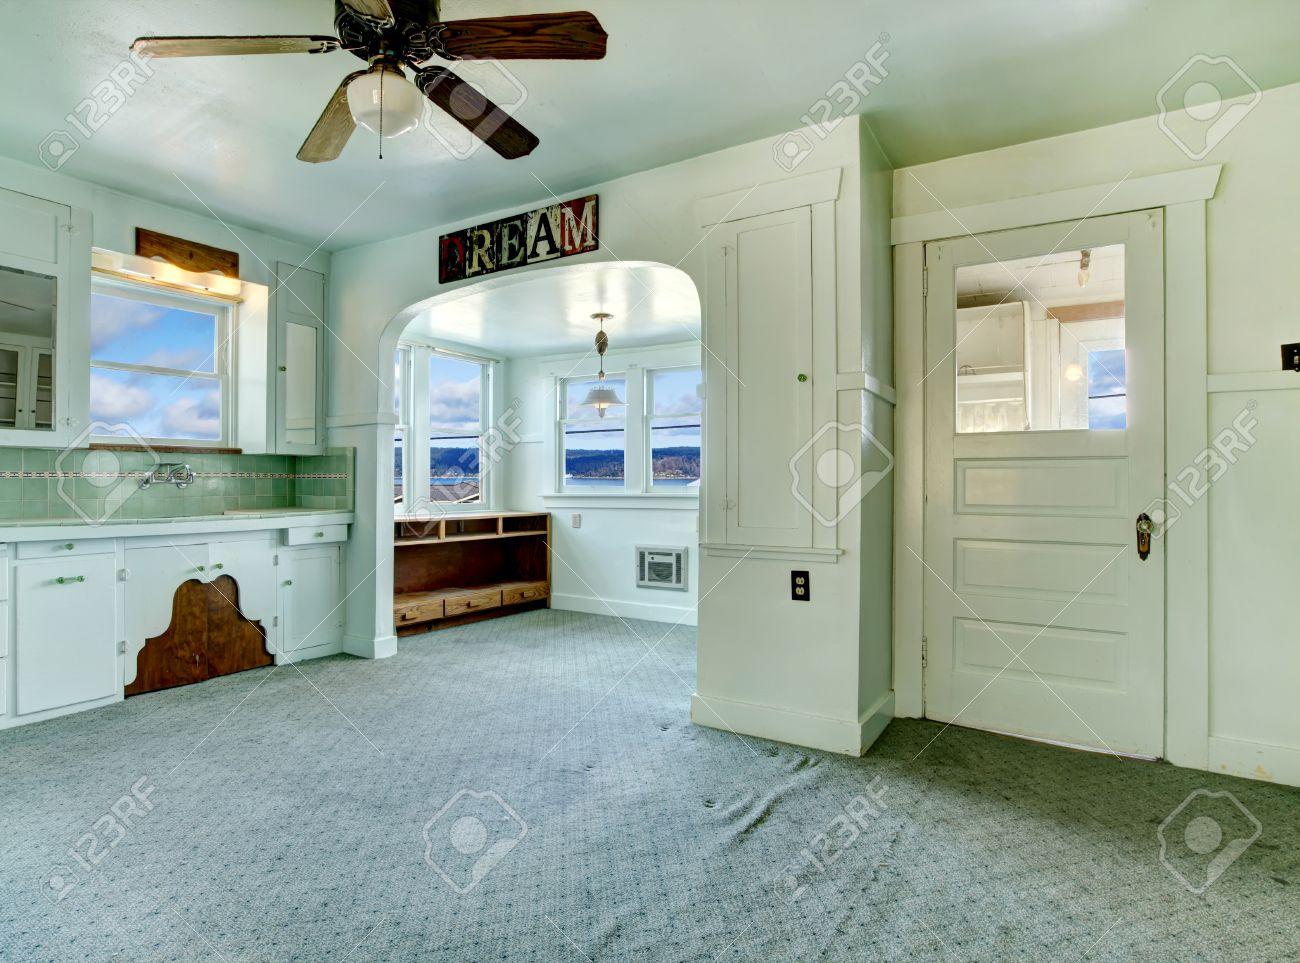 kleine zimmerrenovierung kuche blau design, leere küche zimmer mit teppichboden, hellblau schränke. Öffnen sie, Innenarchitektur